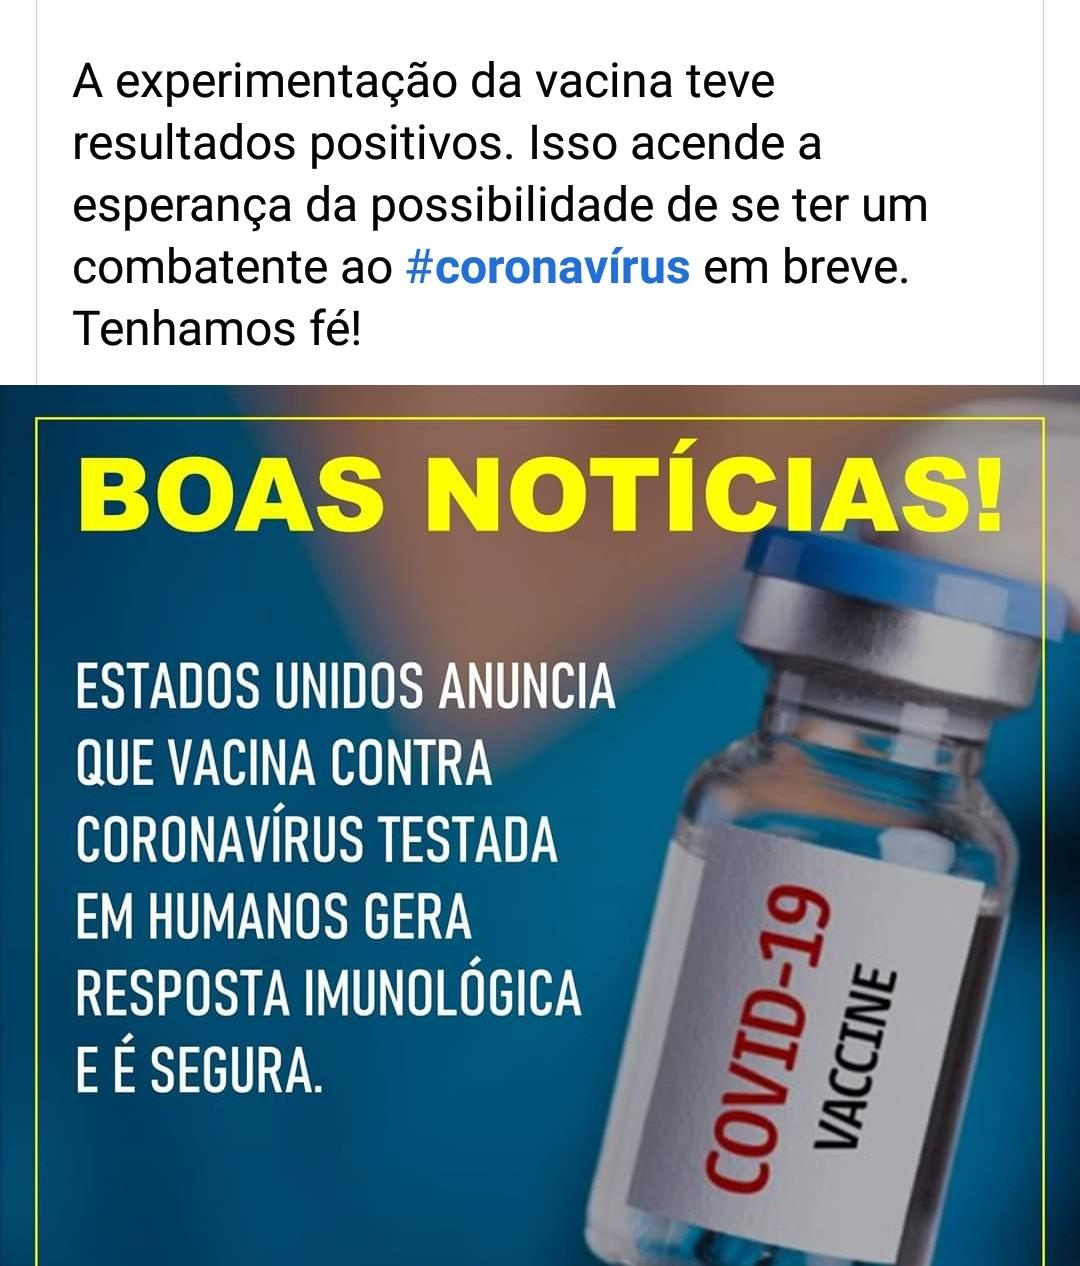 Aplicação de vacina contra o Covid19 tem resultados positivos nos EUA; eficácia ainda será comprovada após novos testes